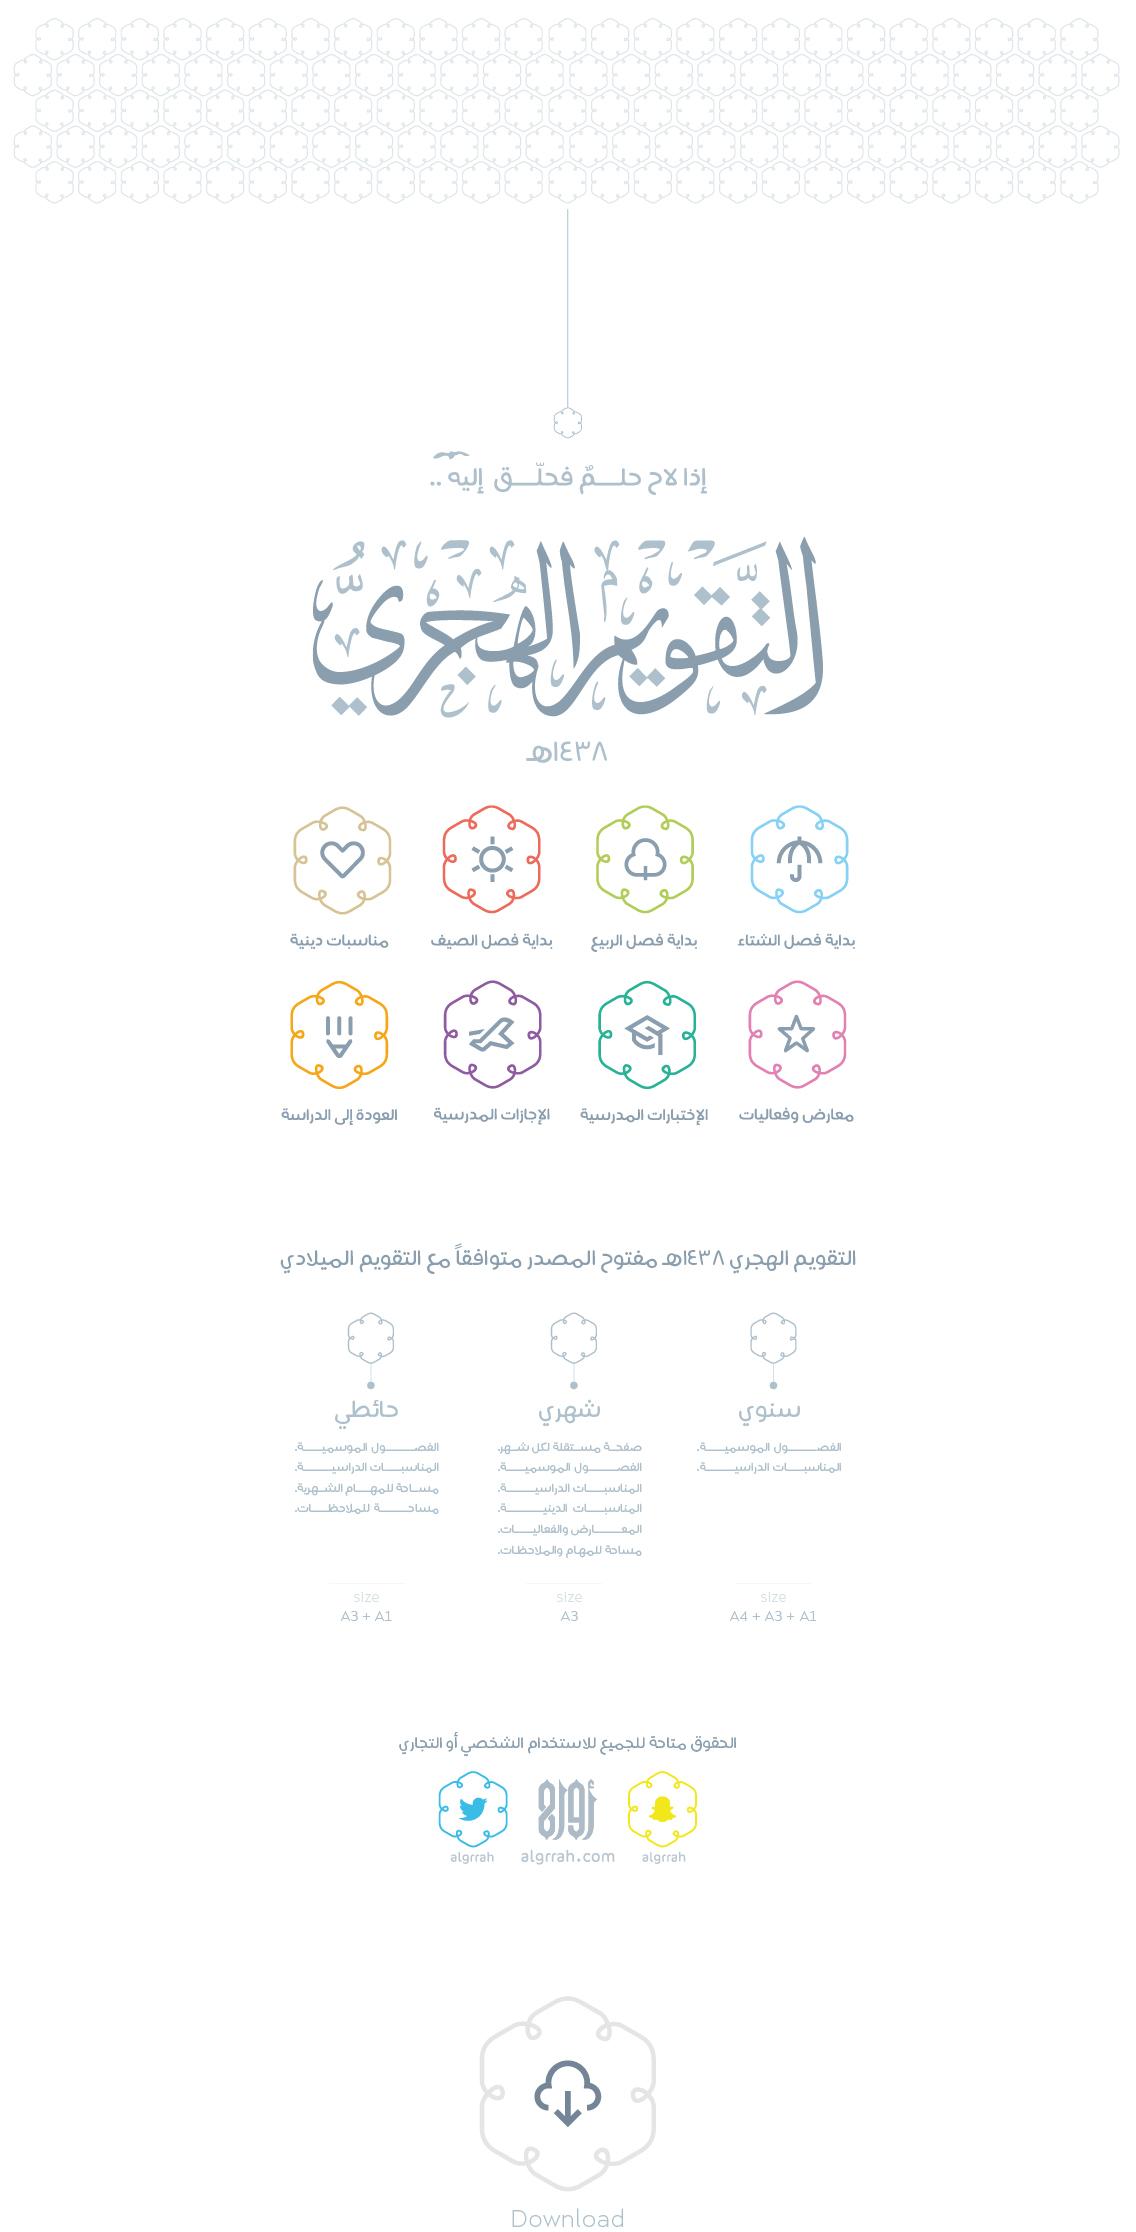 تقويم ١٤٣٨ هجري calendar